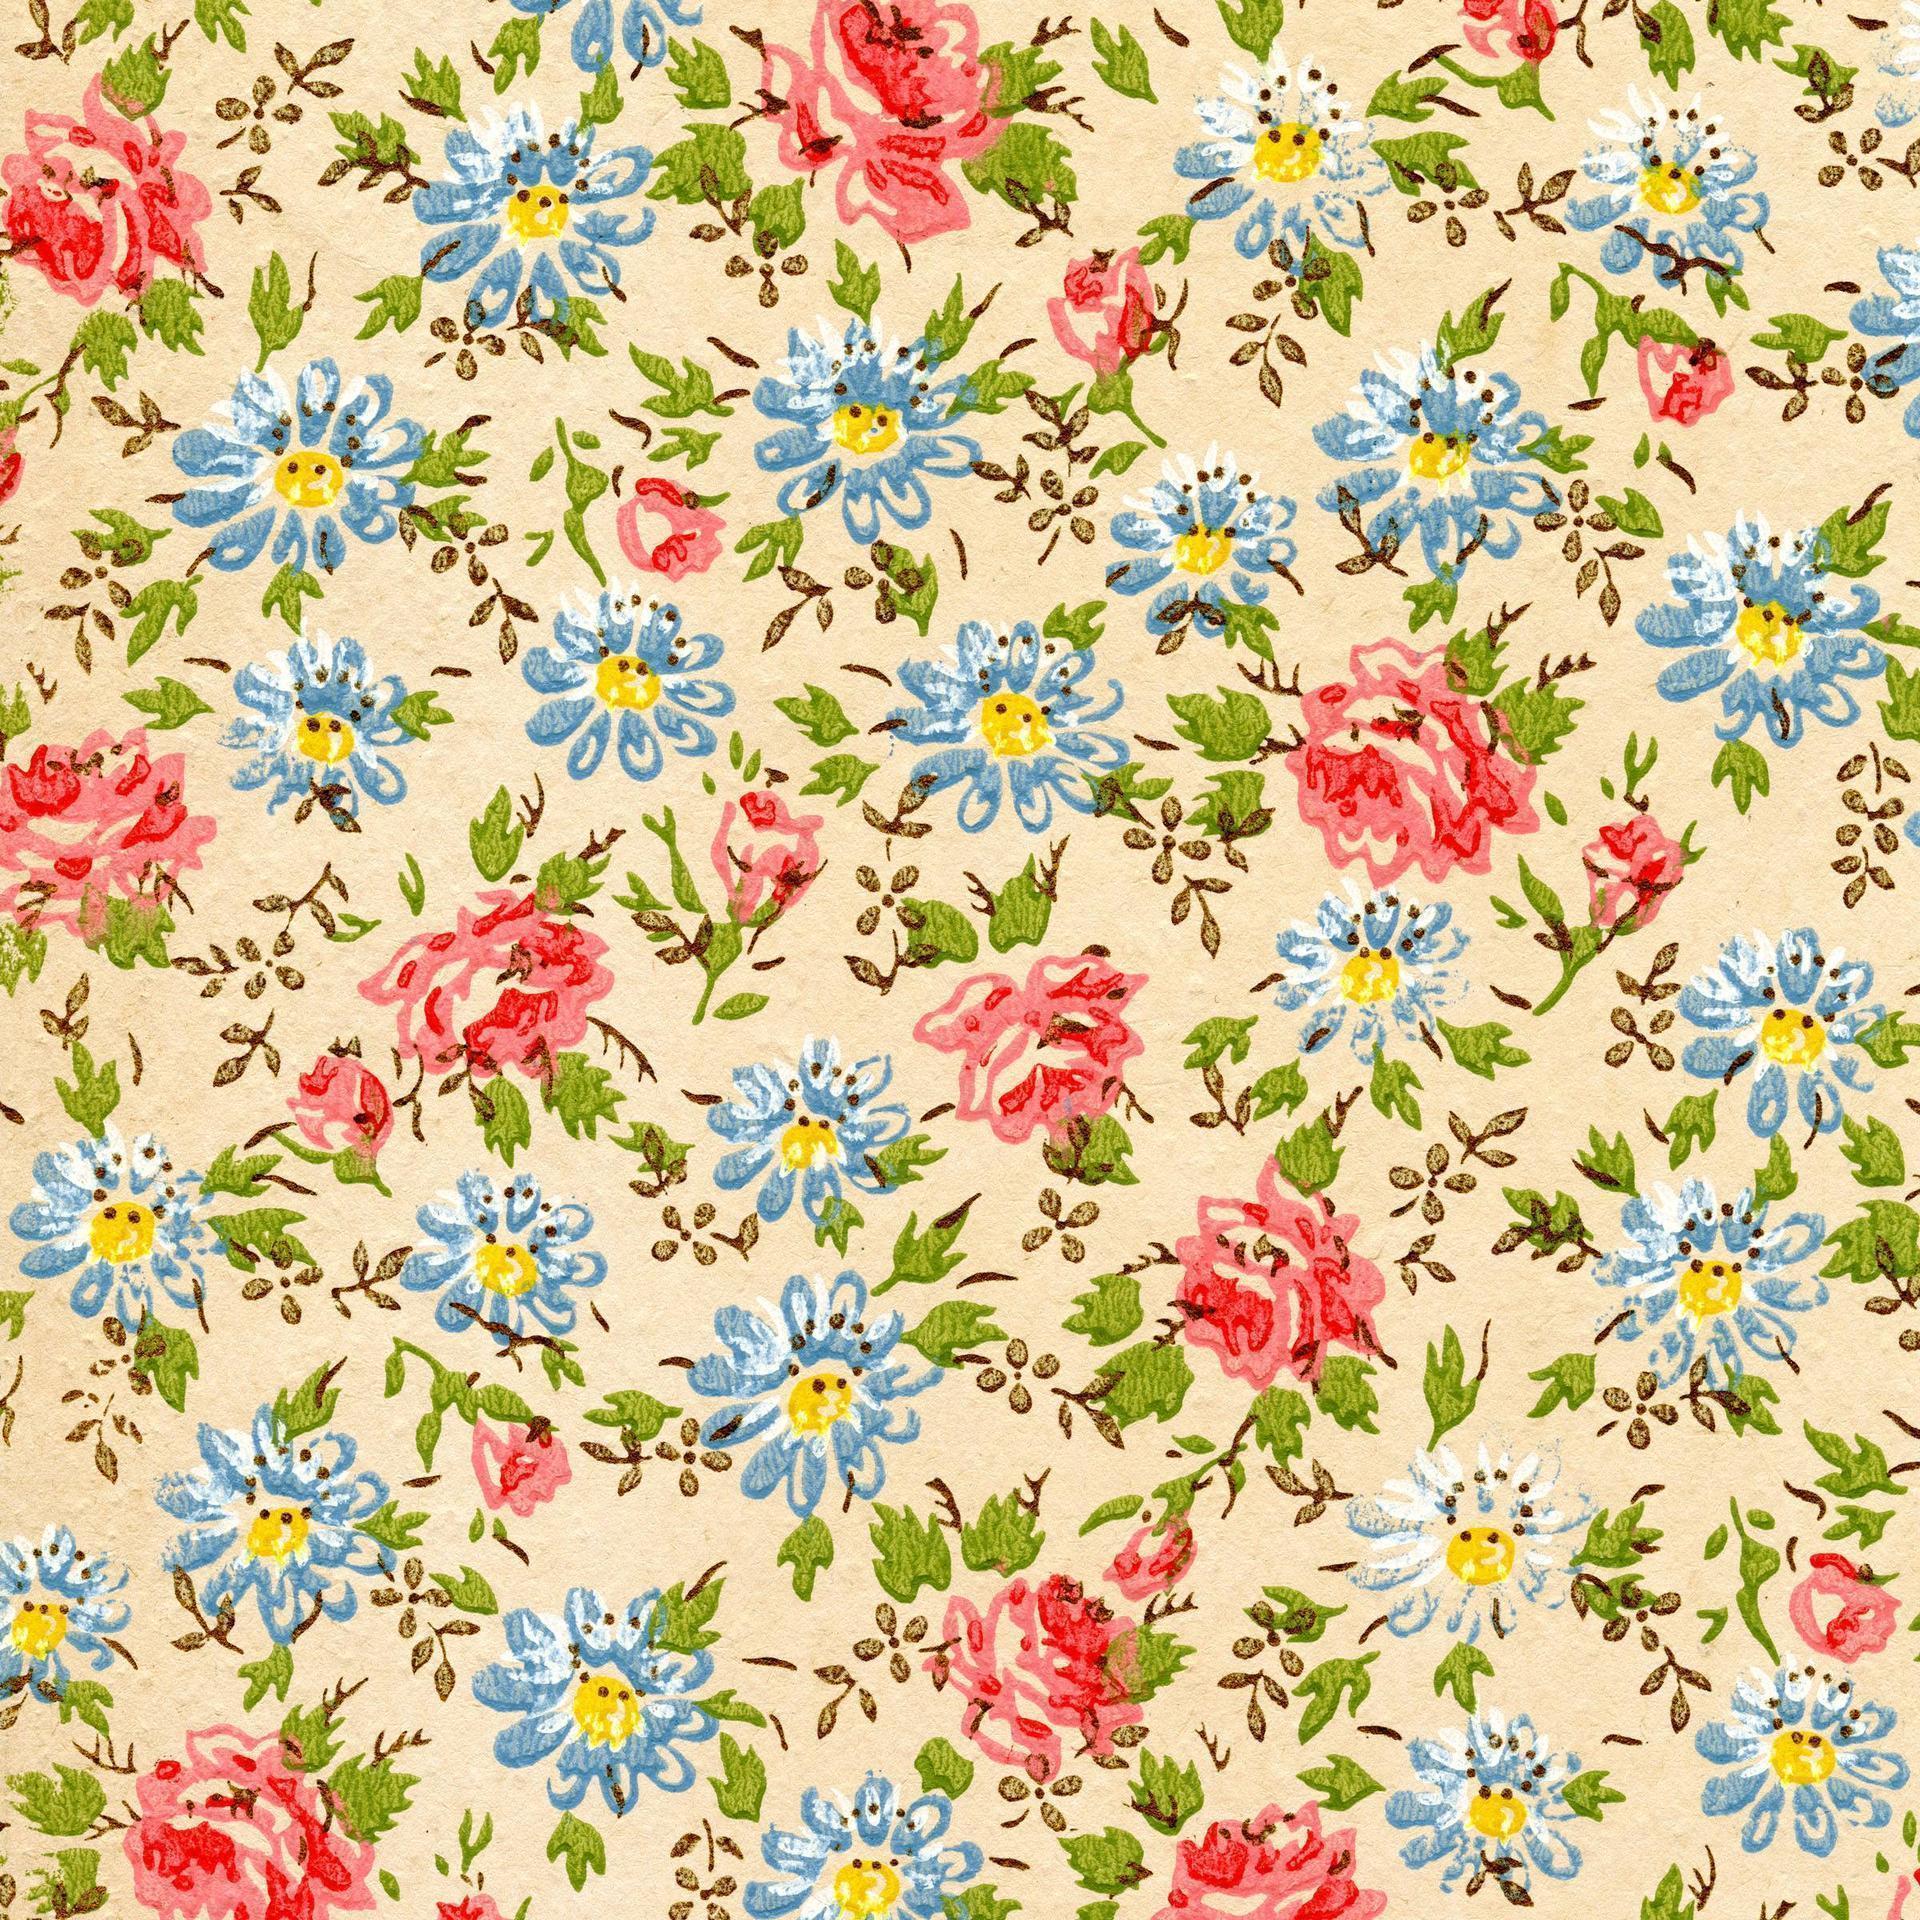 Vintage Flower Photography Backgrounds Vintage Flower Backgro...